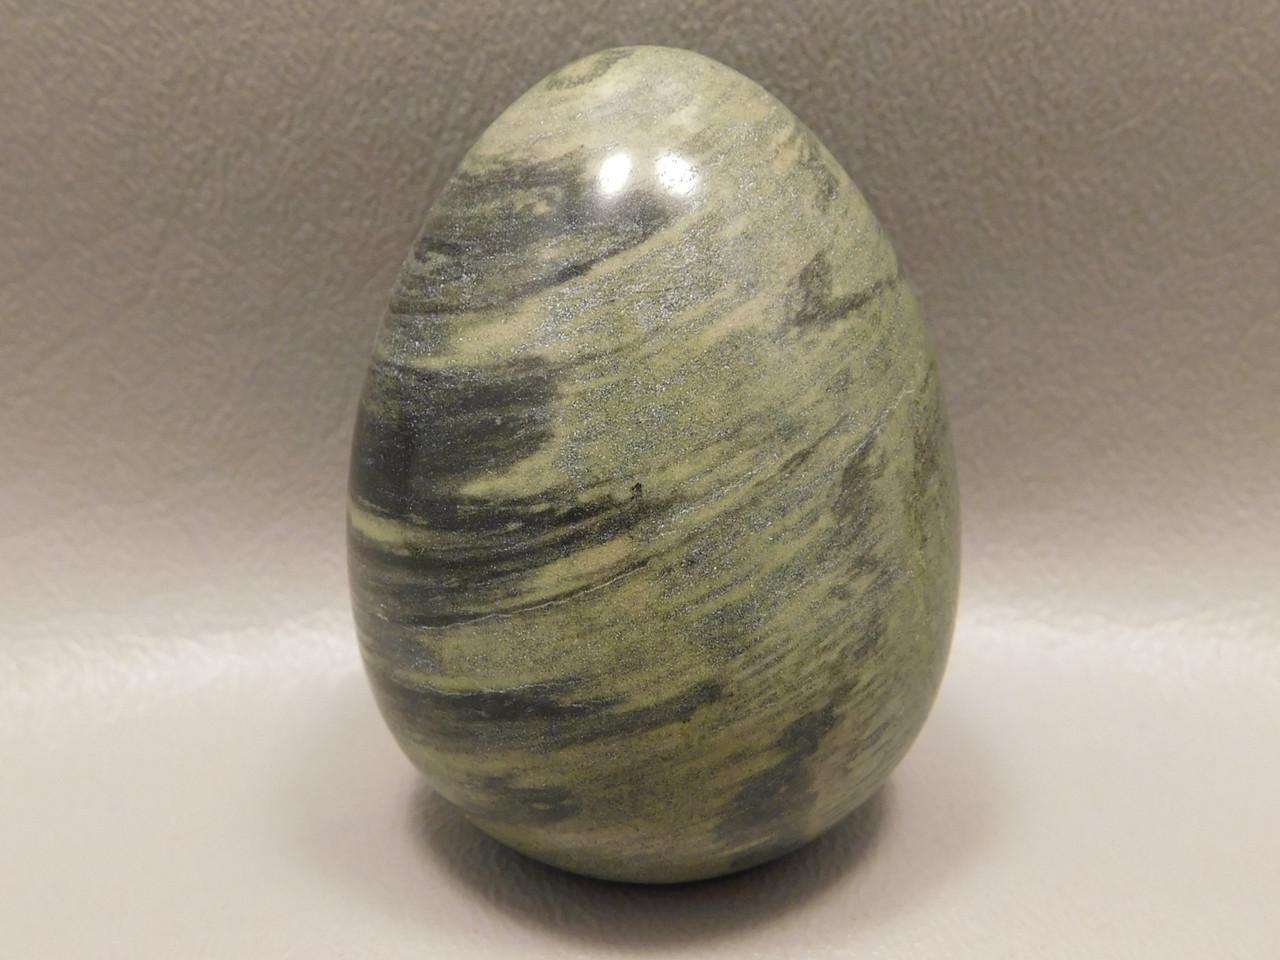 Silver Leaf Jasper Egg Green Gemstone 2.25 inch Rocks Minerals #O4